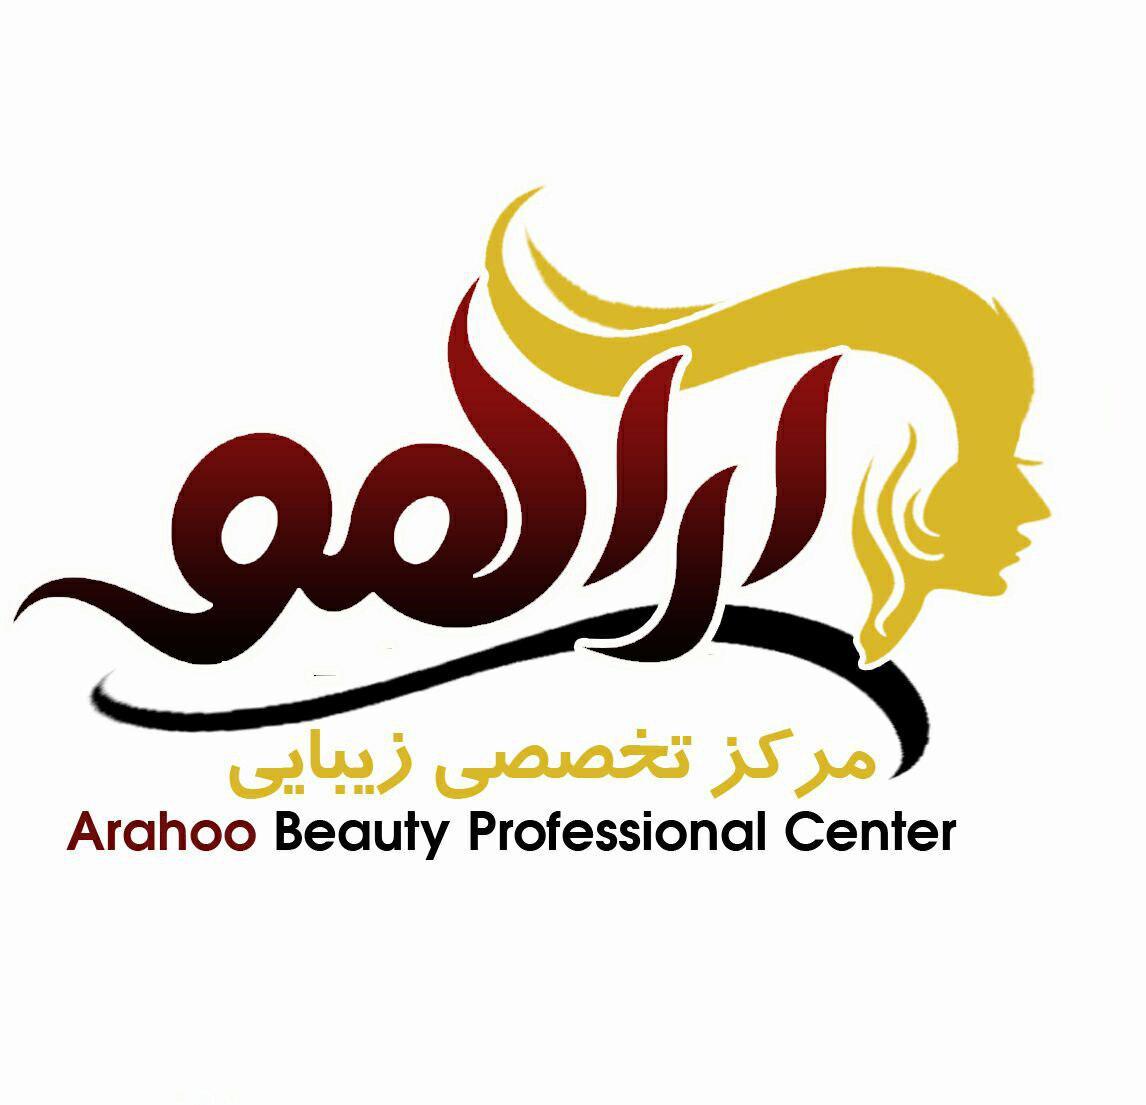 دعوت به همکاری با شرایط استثنایی در سالن زیبایی آراهو